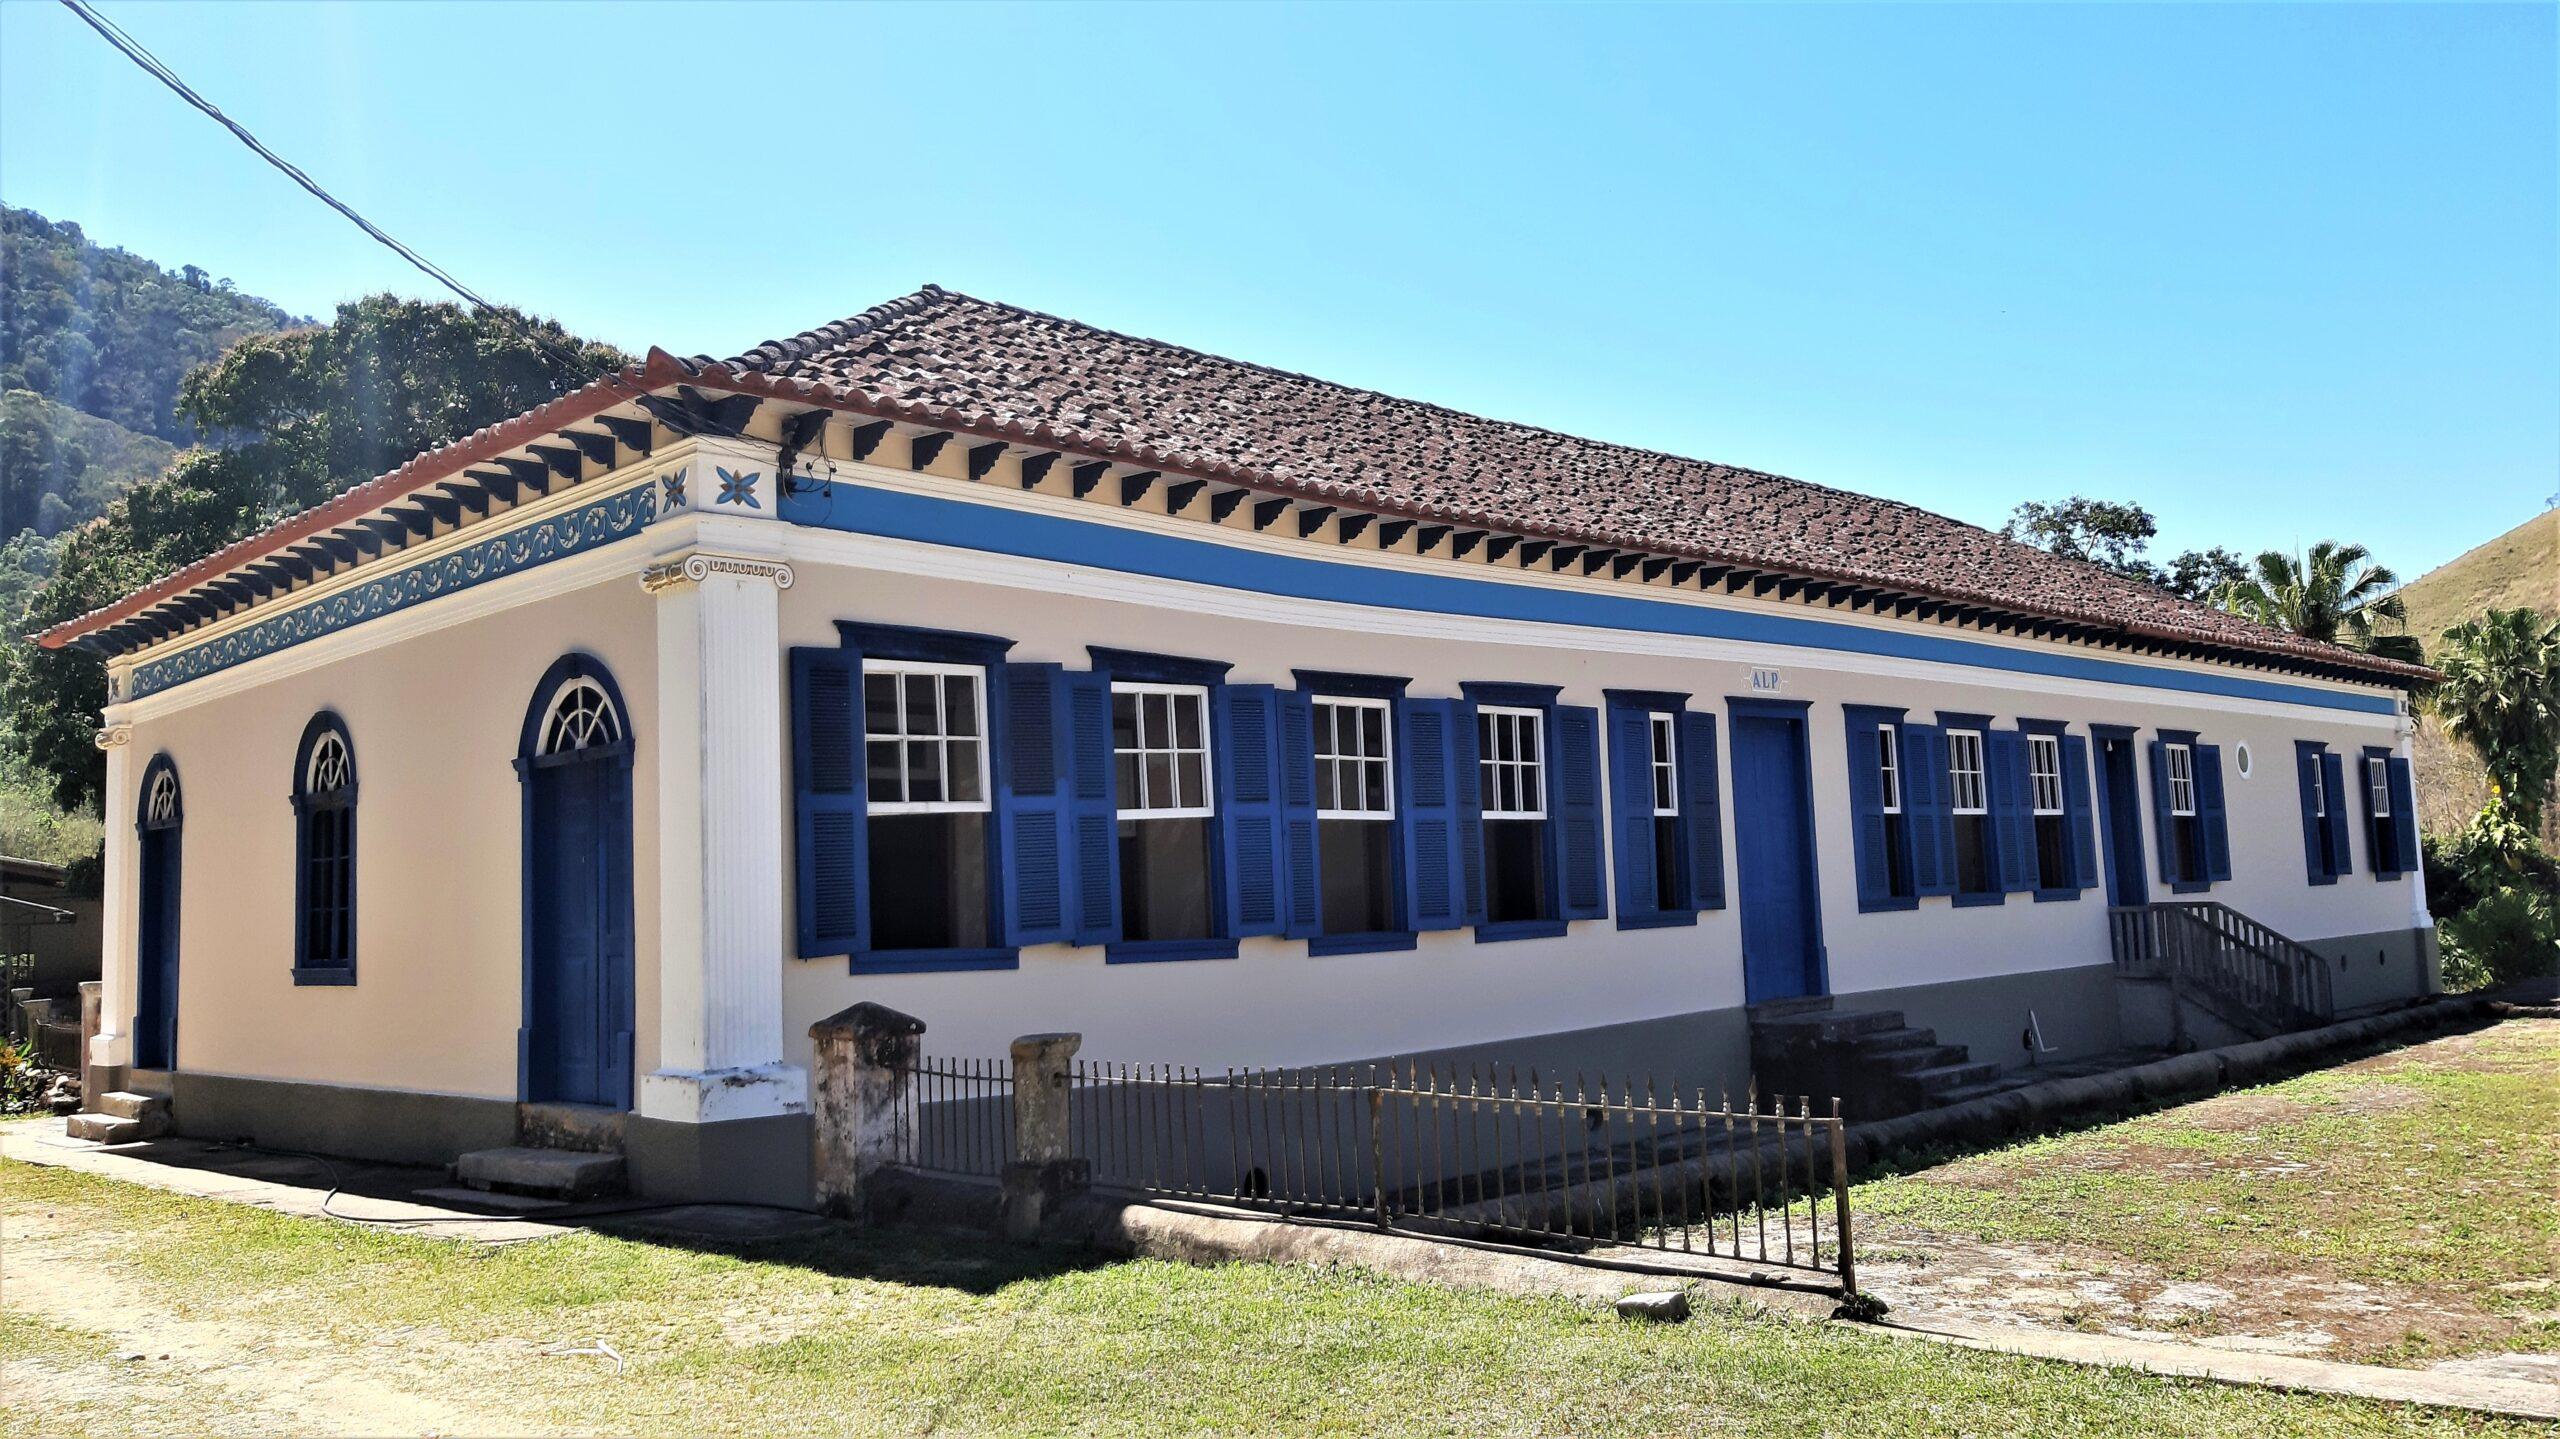 O turismo rural é incentivado pela prefeitura de Duas Barras. Acervo pessoal